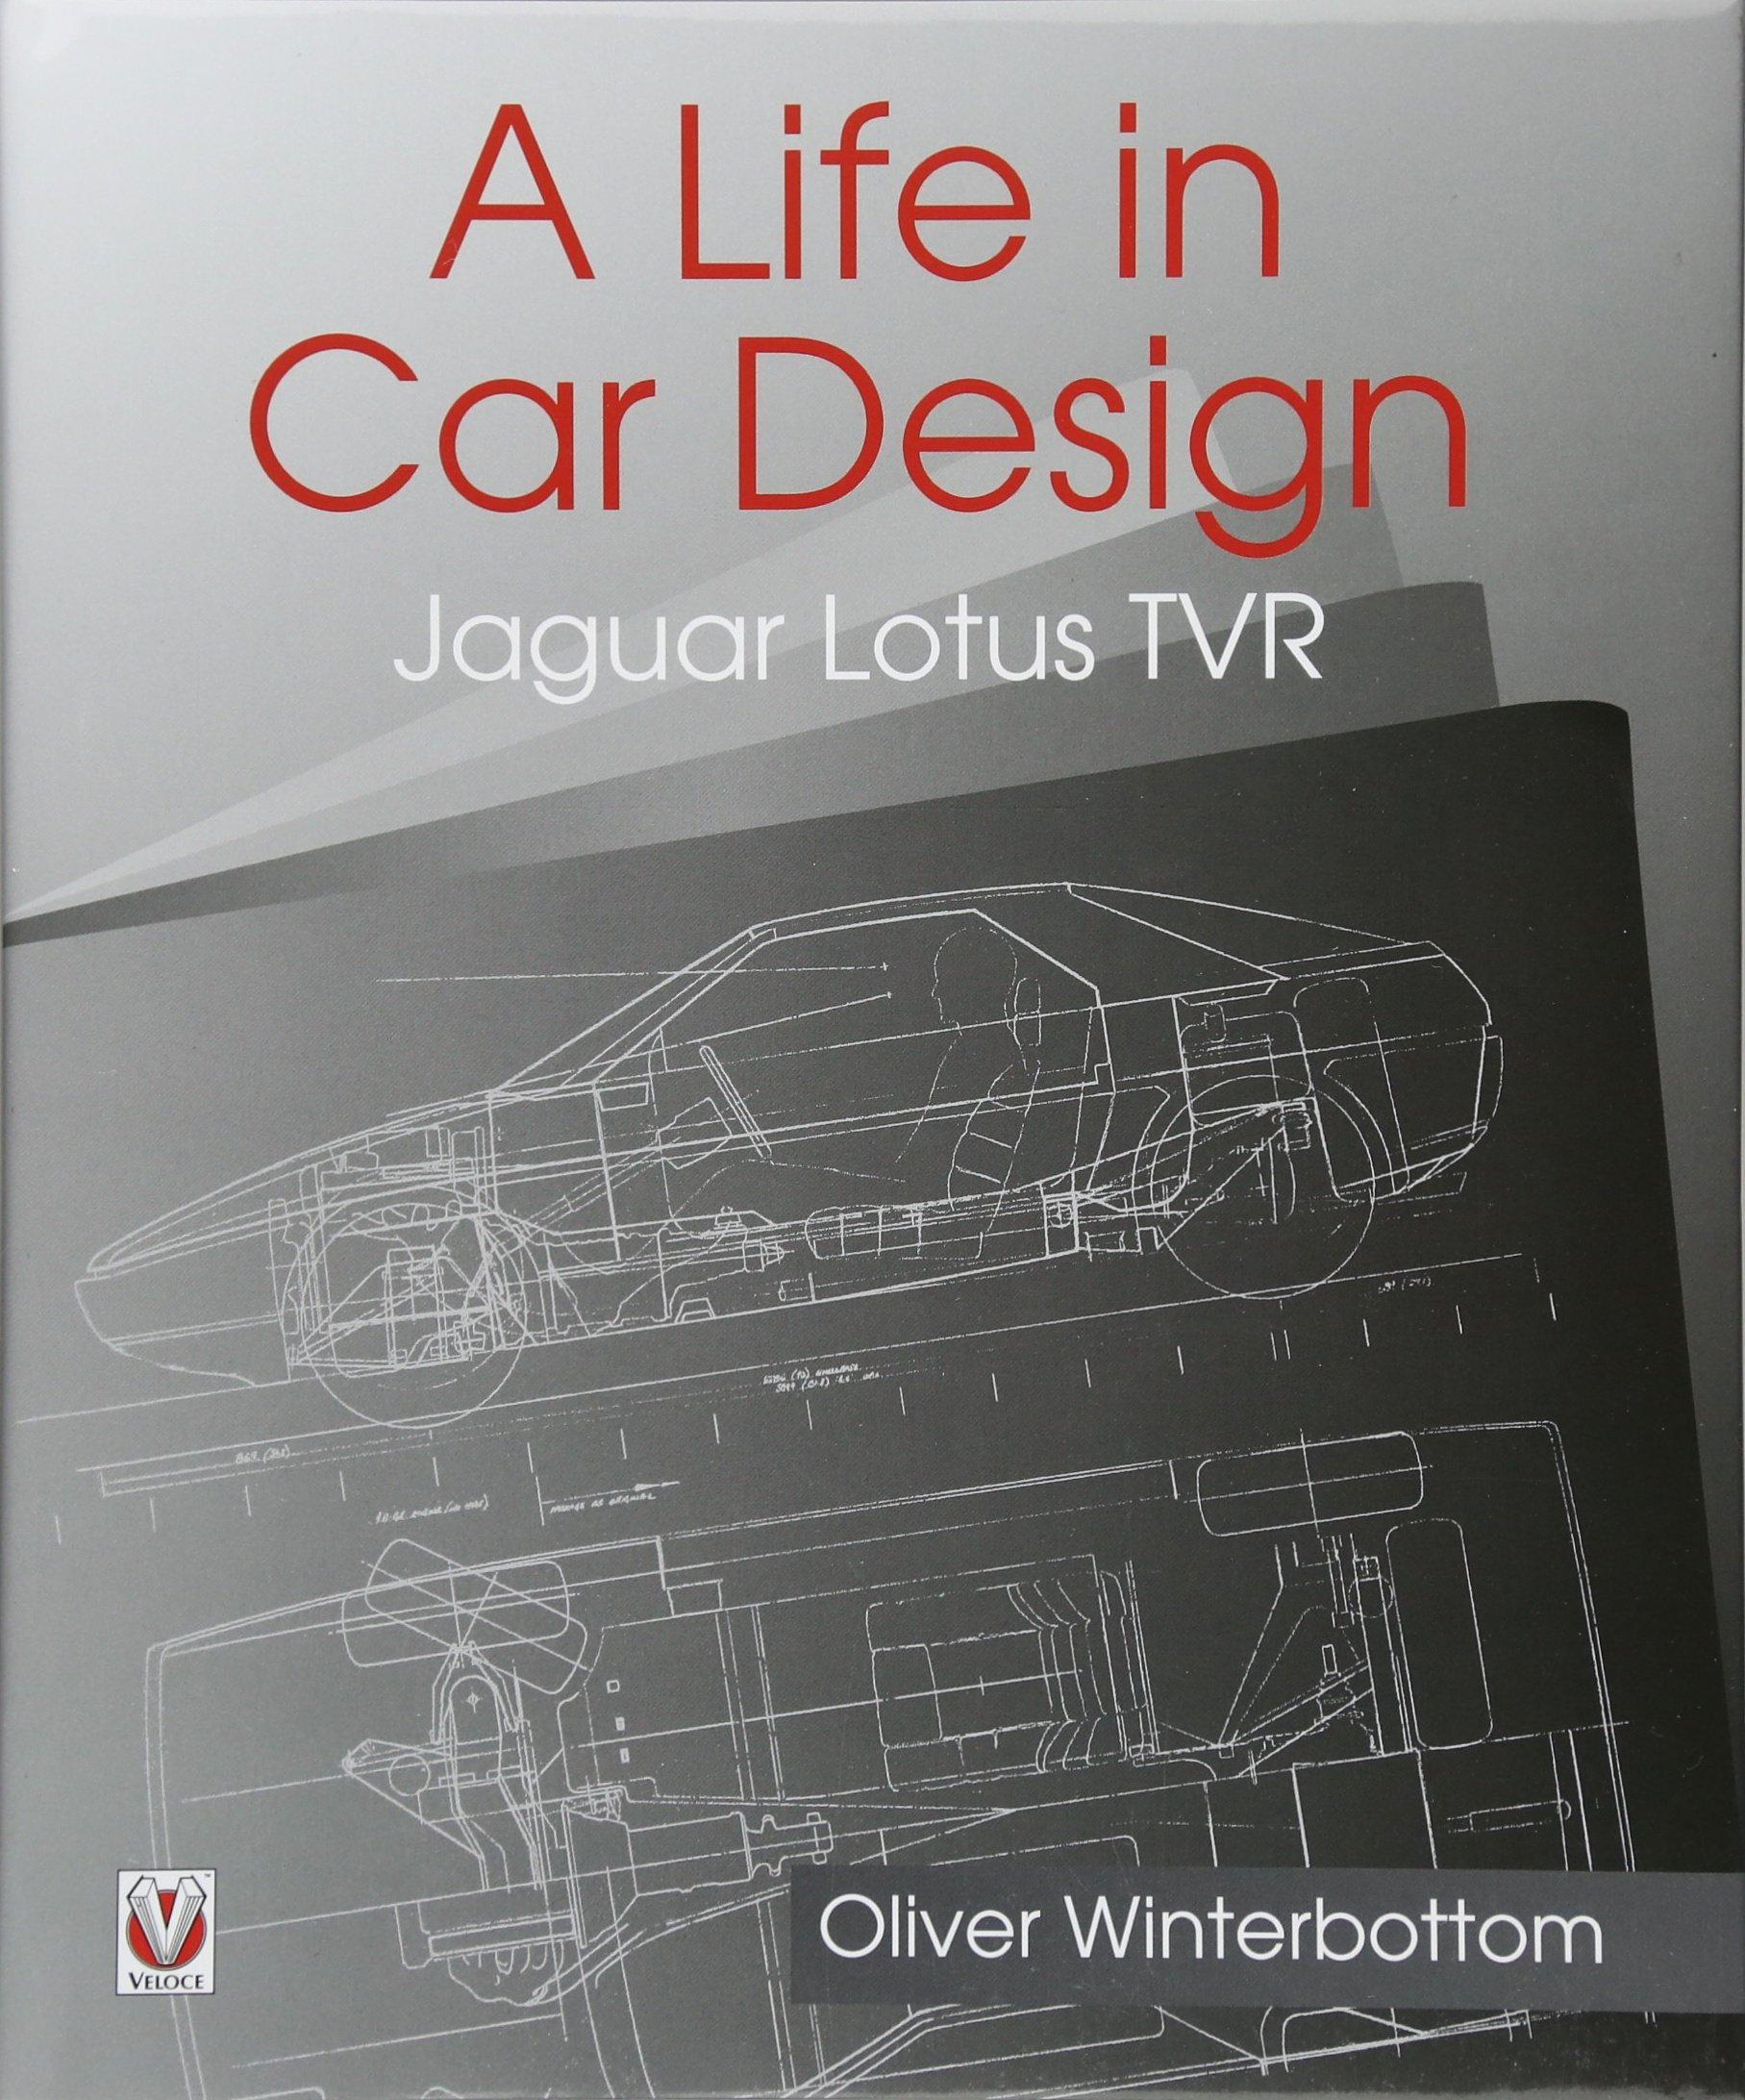 WINTERBOTTOM OLIVER BOOK CAR DESIGN LIFE LOTUS TVR JAGUAR